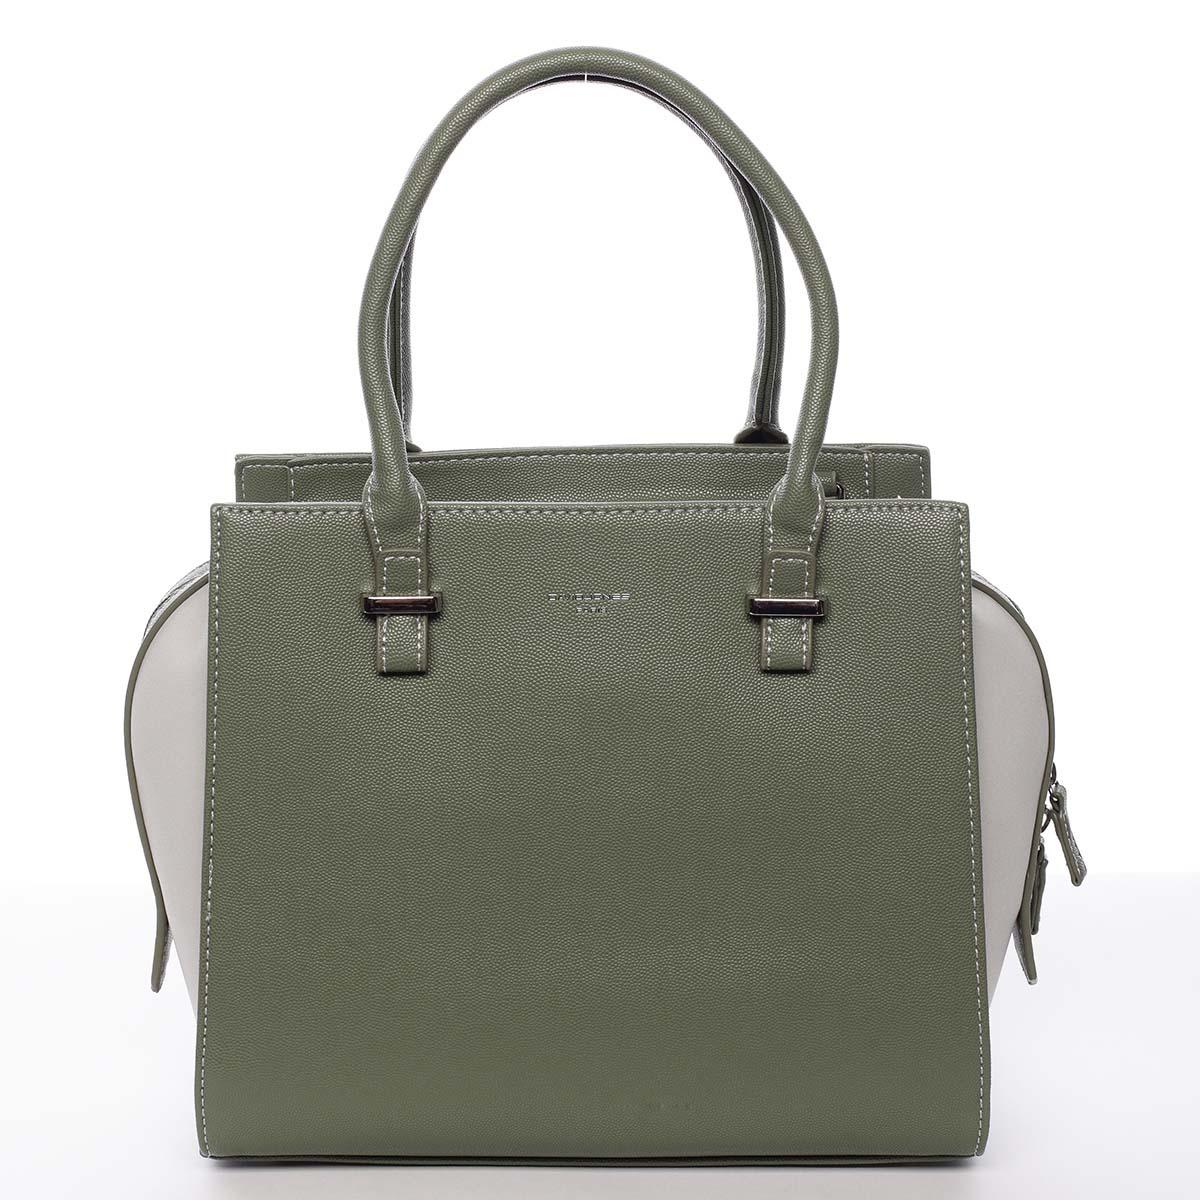 Luxusní módní olivově zelená kabelka přes rameno - David Jones Ariana zelená